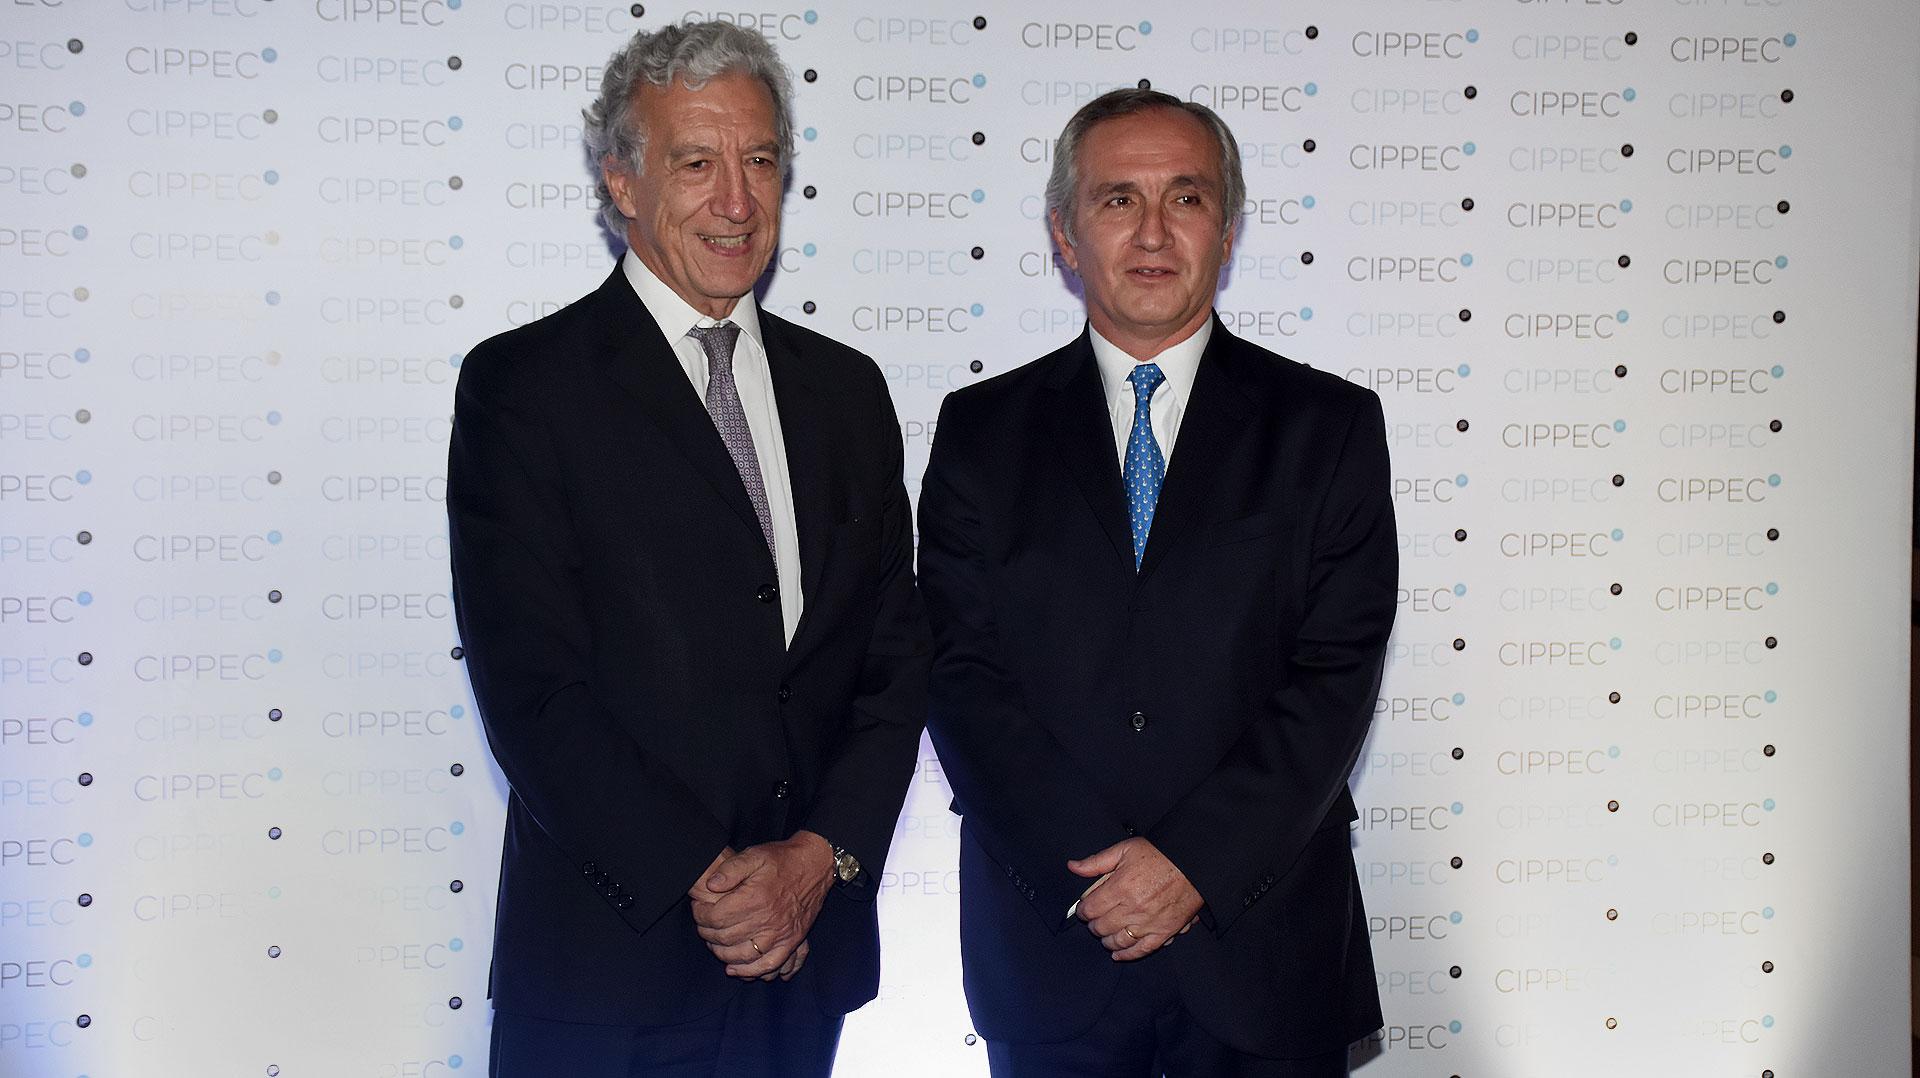 Jaime Campos, presidente de la Asociación Empresaria Argentina, y Guillermo Lipera, presidente del Colegio de Abogados de la Ciudad de Buenos Aires